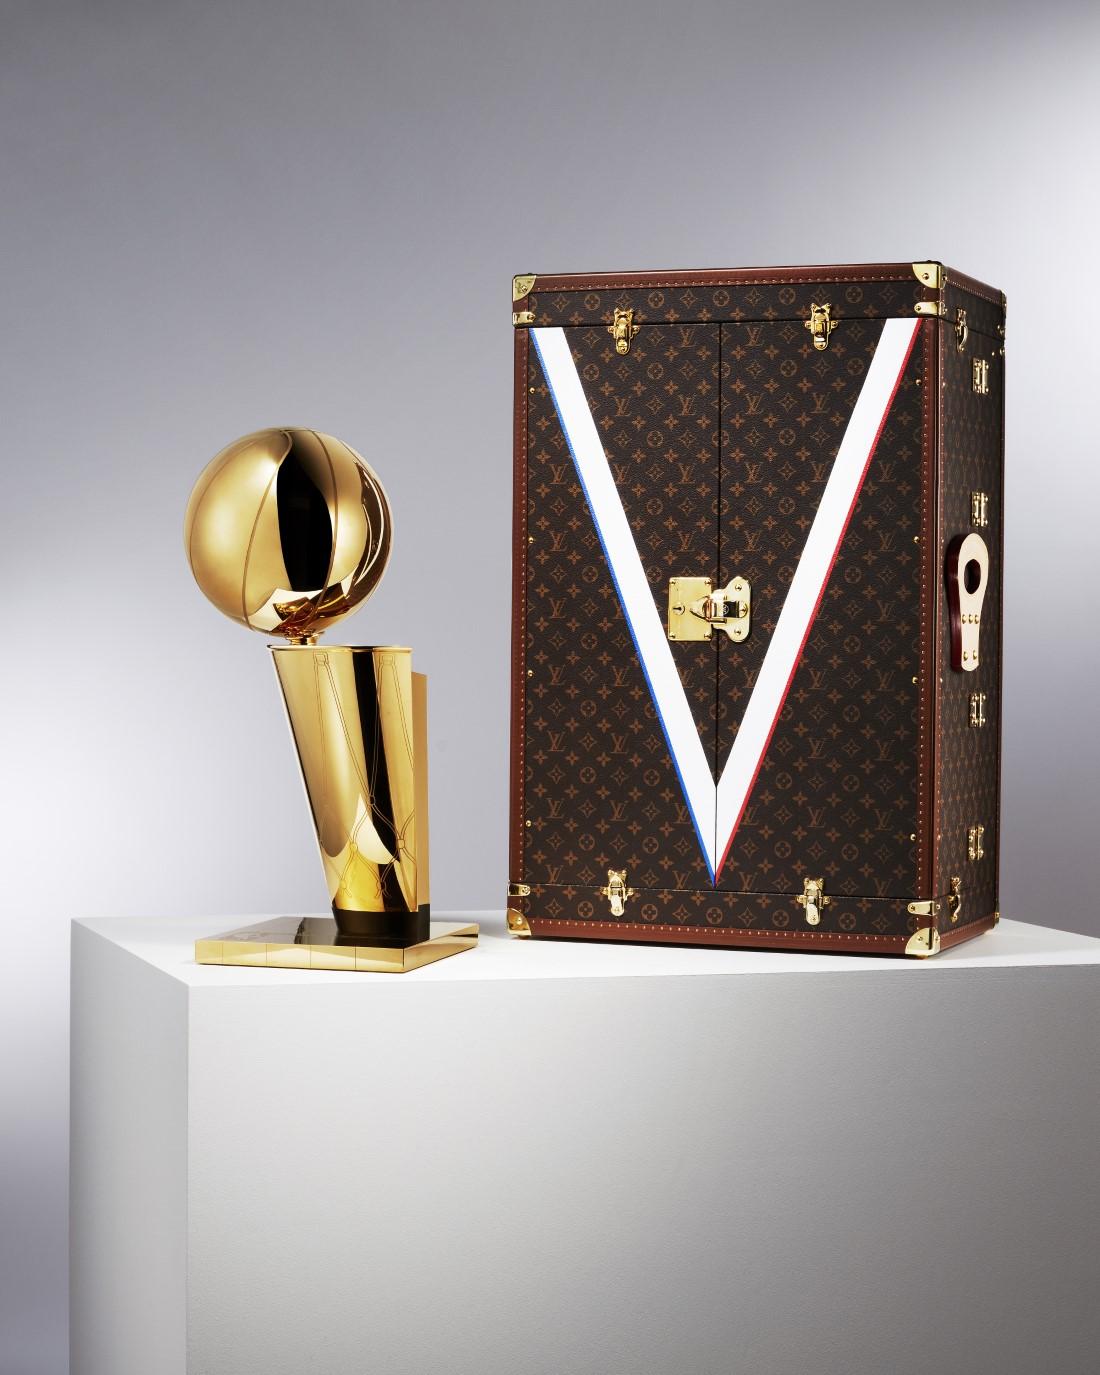 Louis Vuitton x NBA